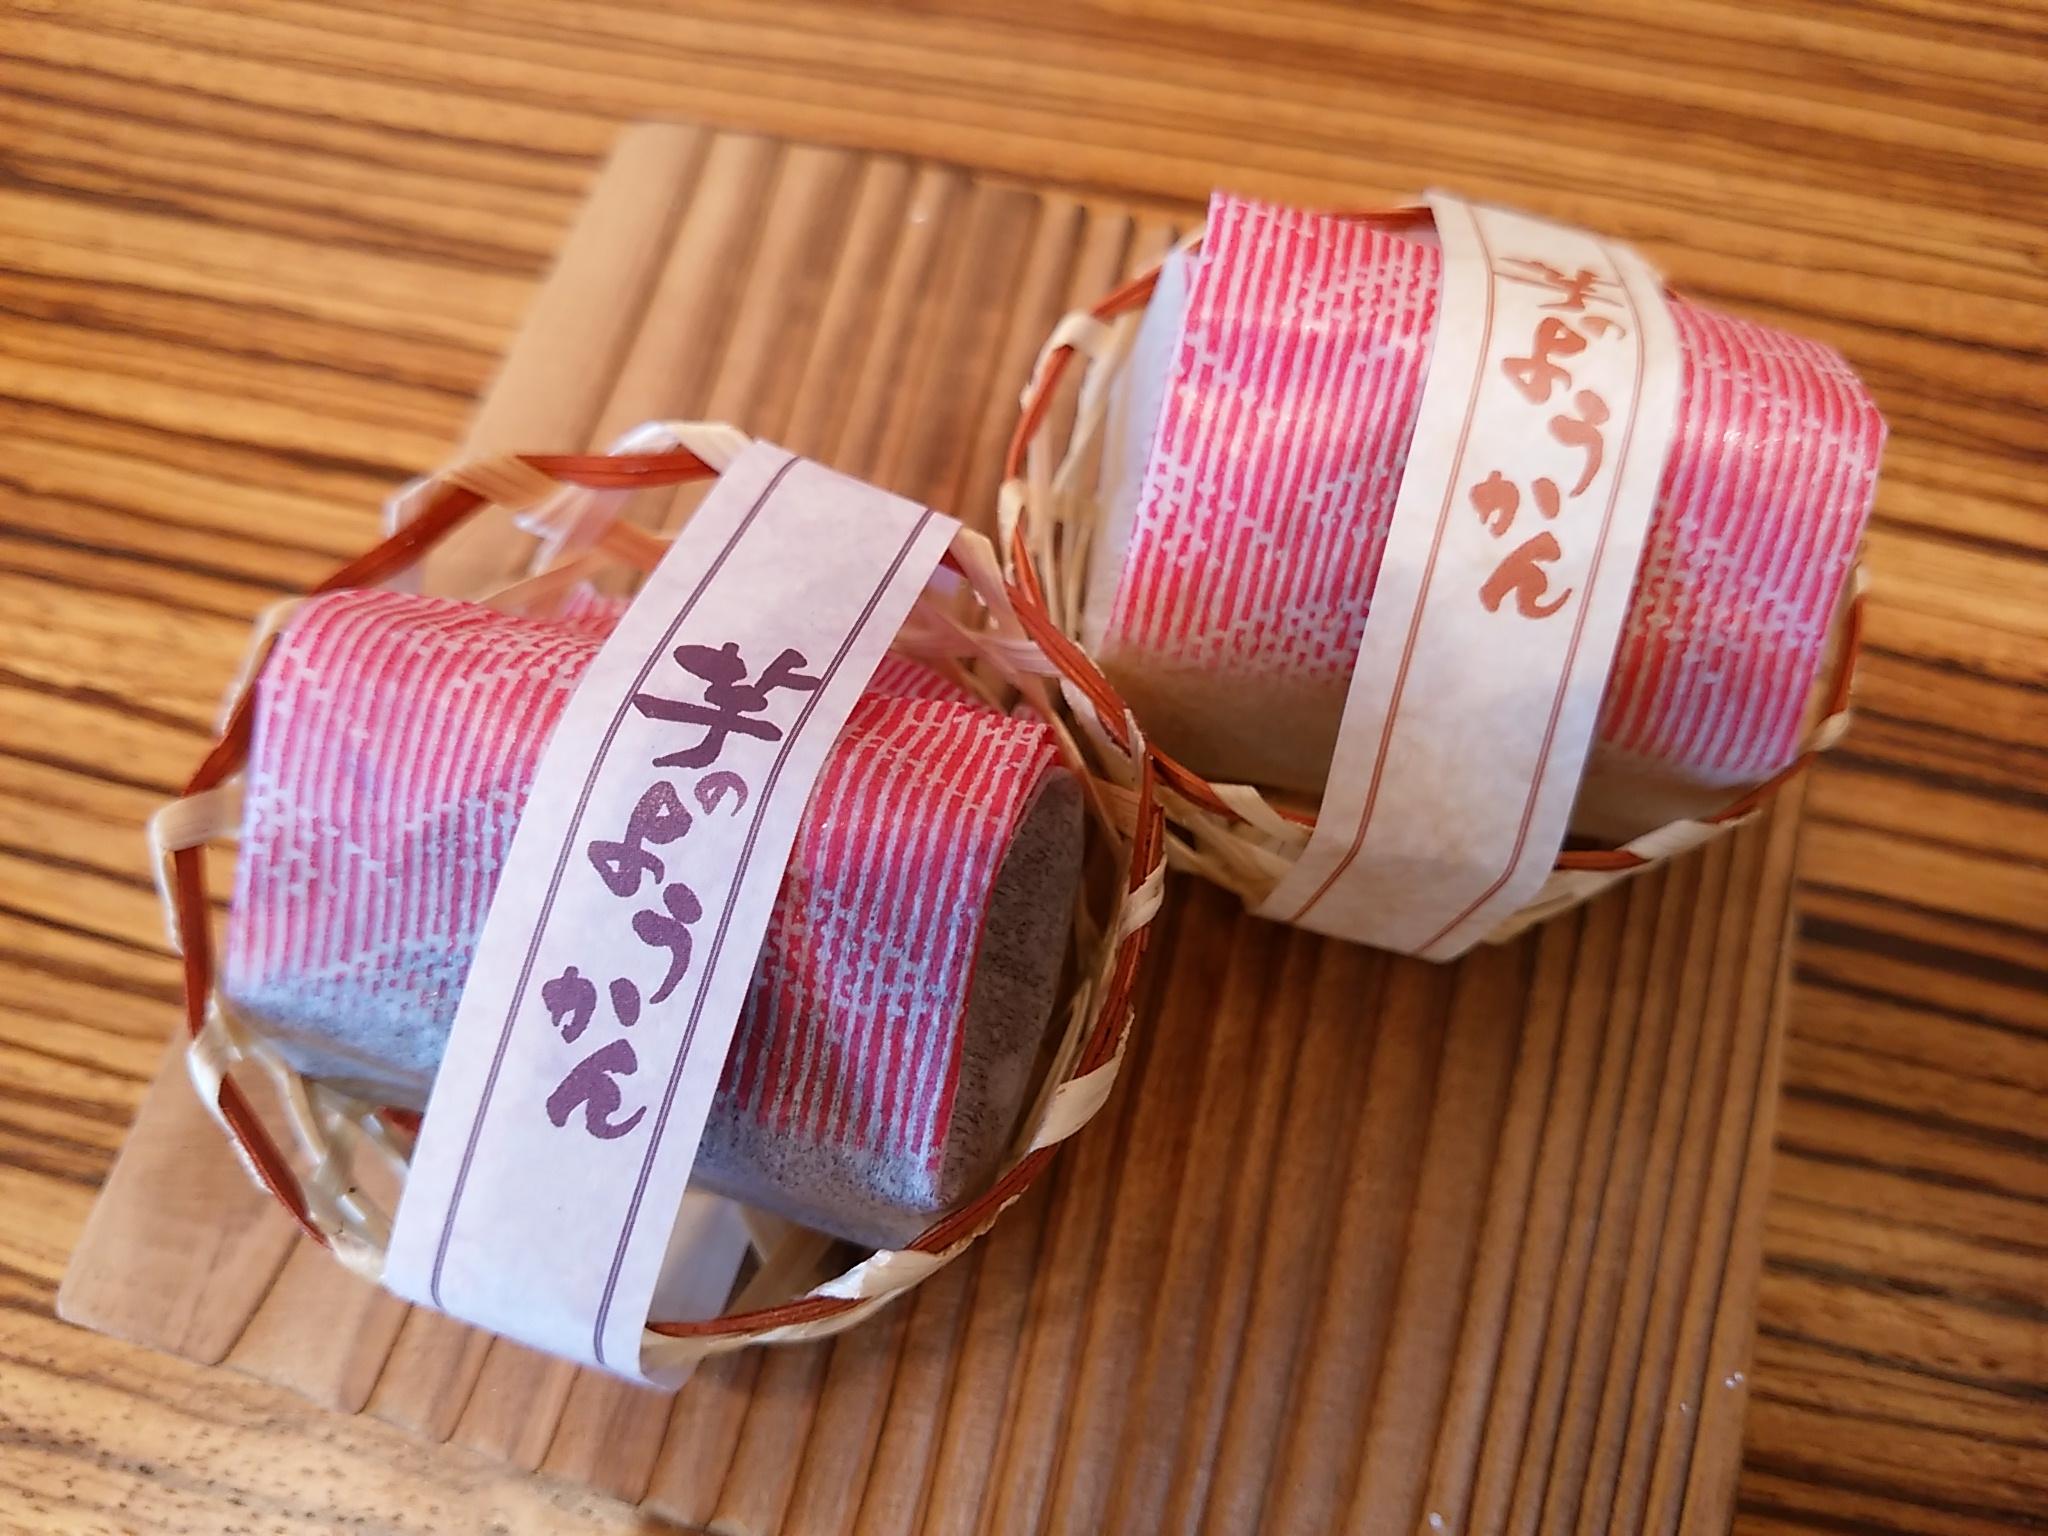 池多の芋のようかん 薩摩芋・紫芋